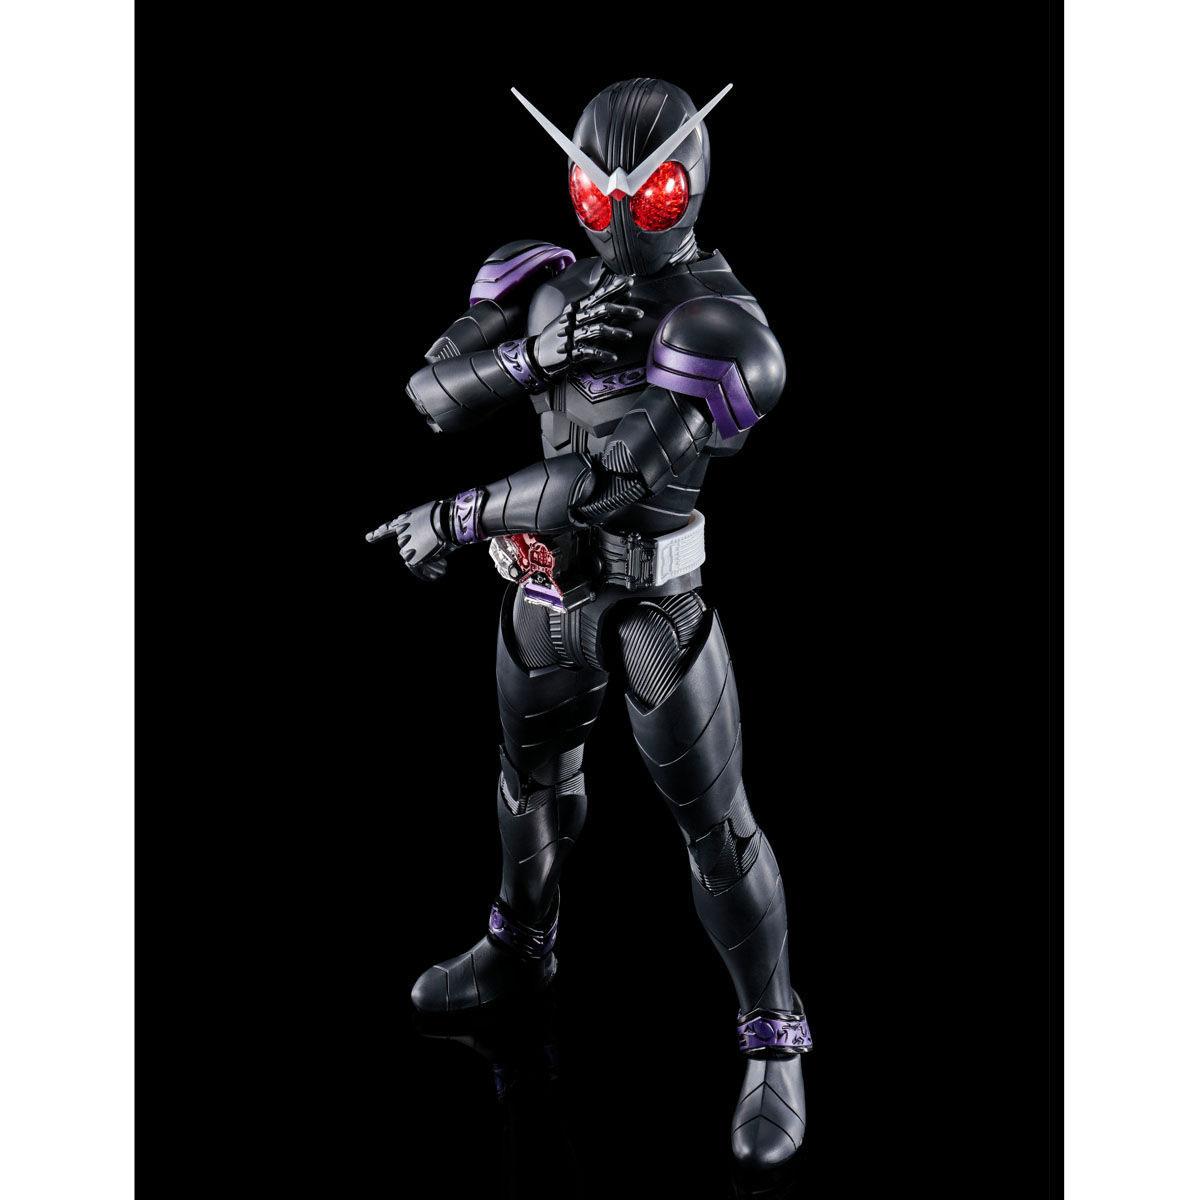 【限定販売】Figure-rise Standard『仮面ライダージョーカー』仮面ライダーW プラモデル-006